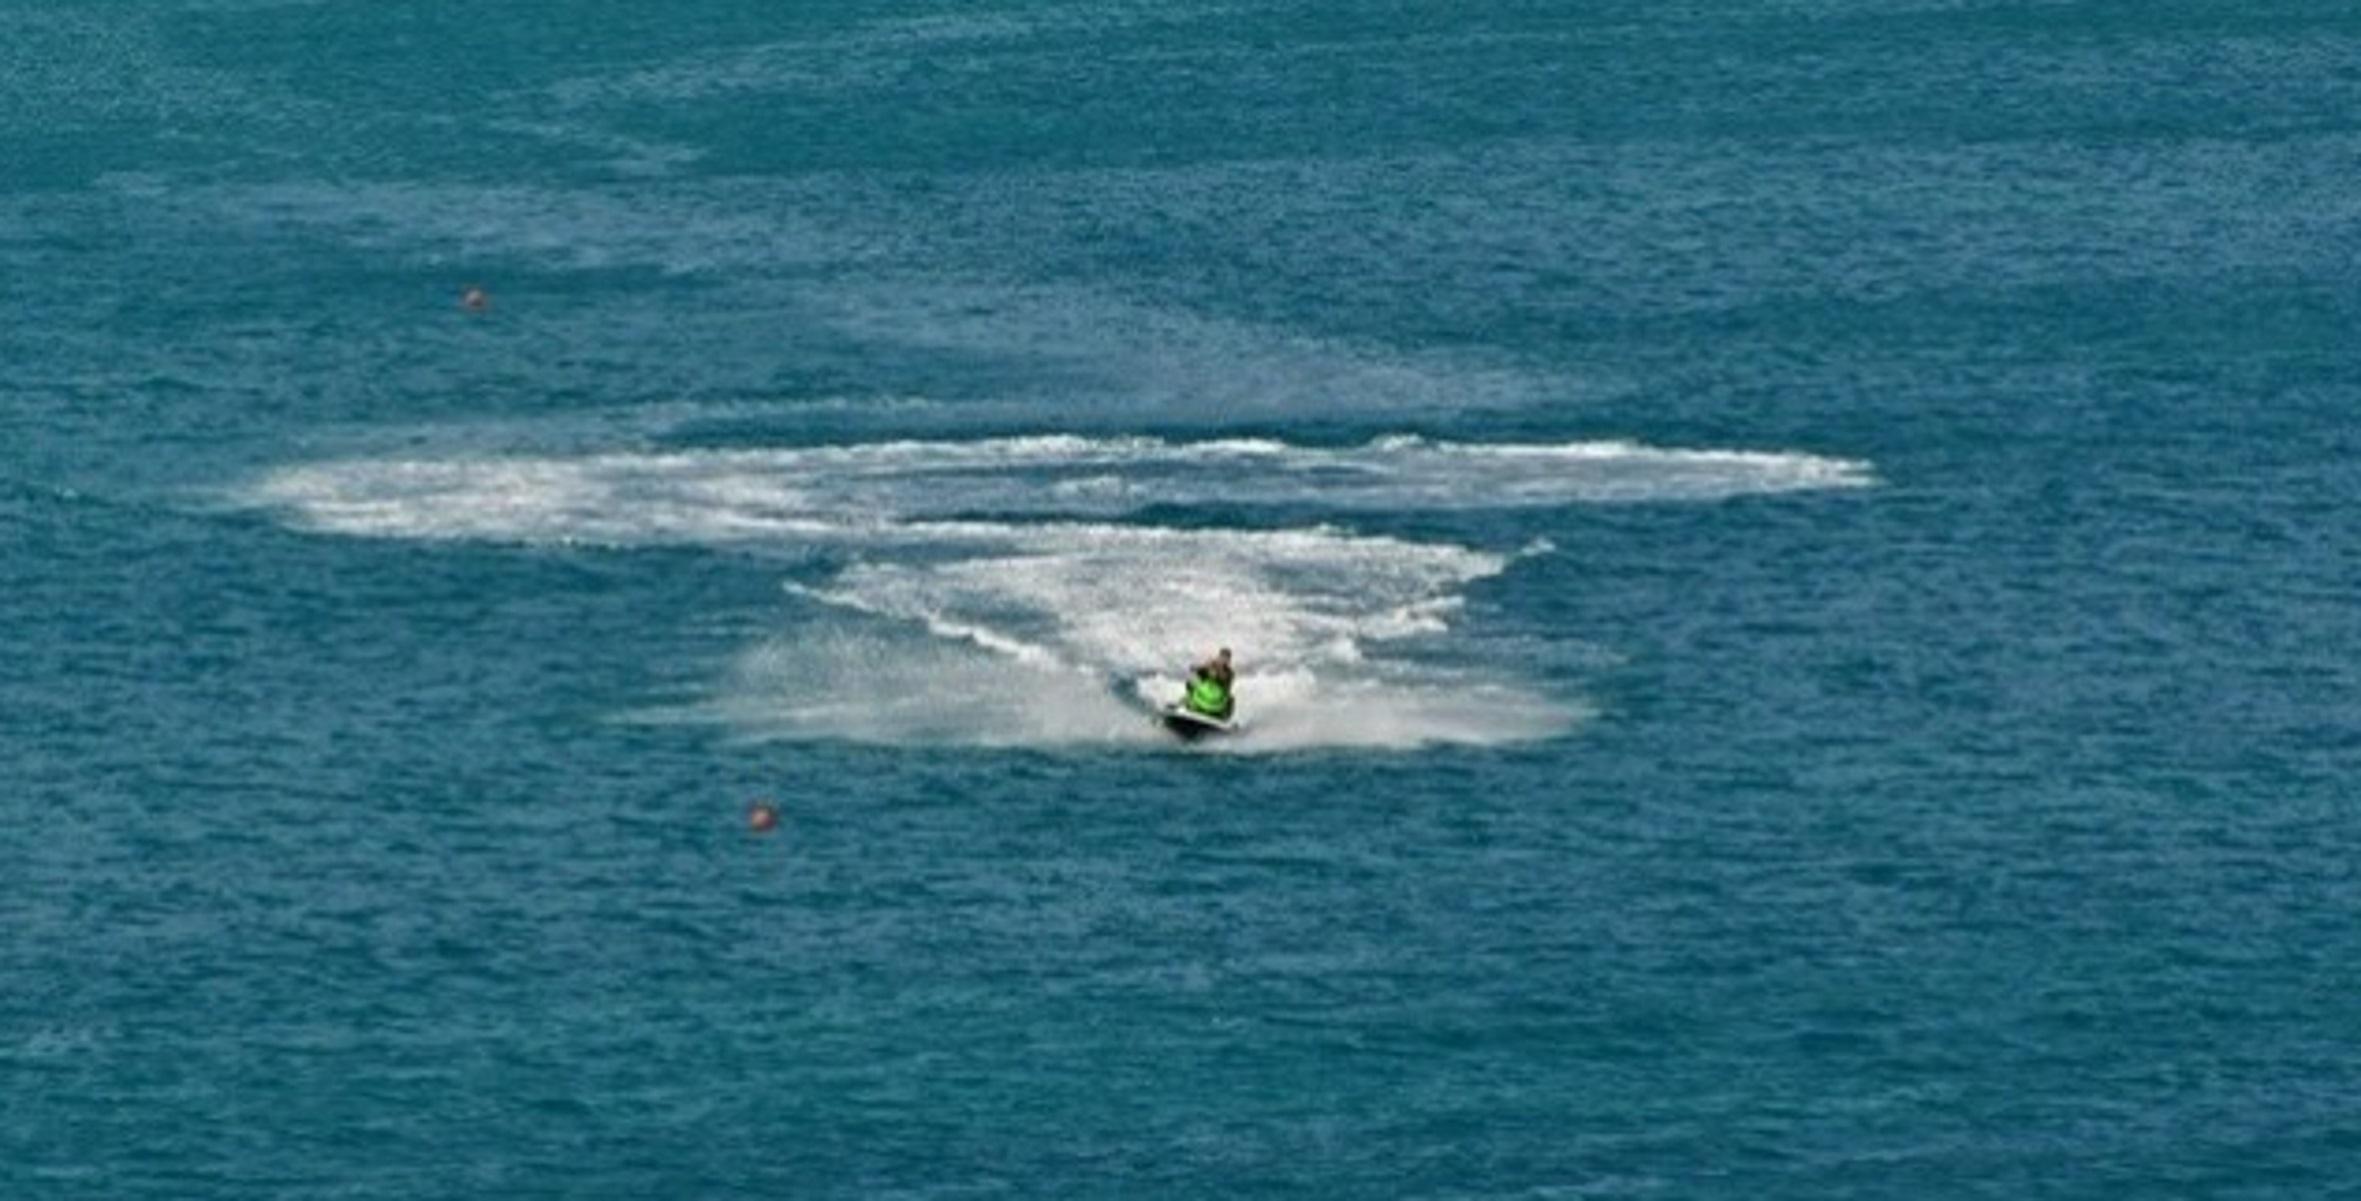 Χανιά: 14χρονος τραυματίστηκε από επικίνδυνους ελιγμούς χειριστή jet ski